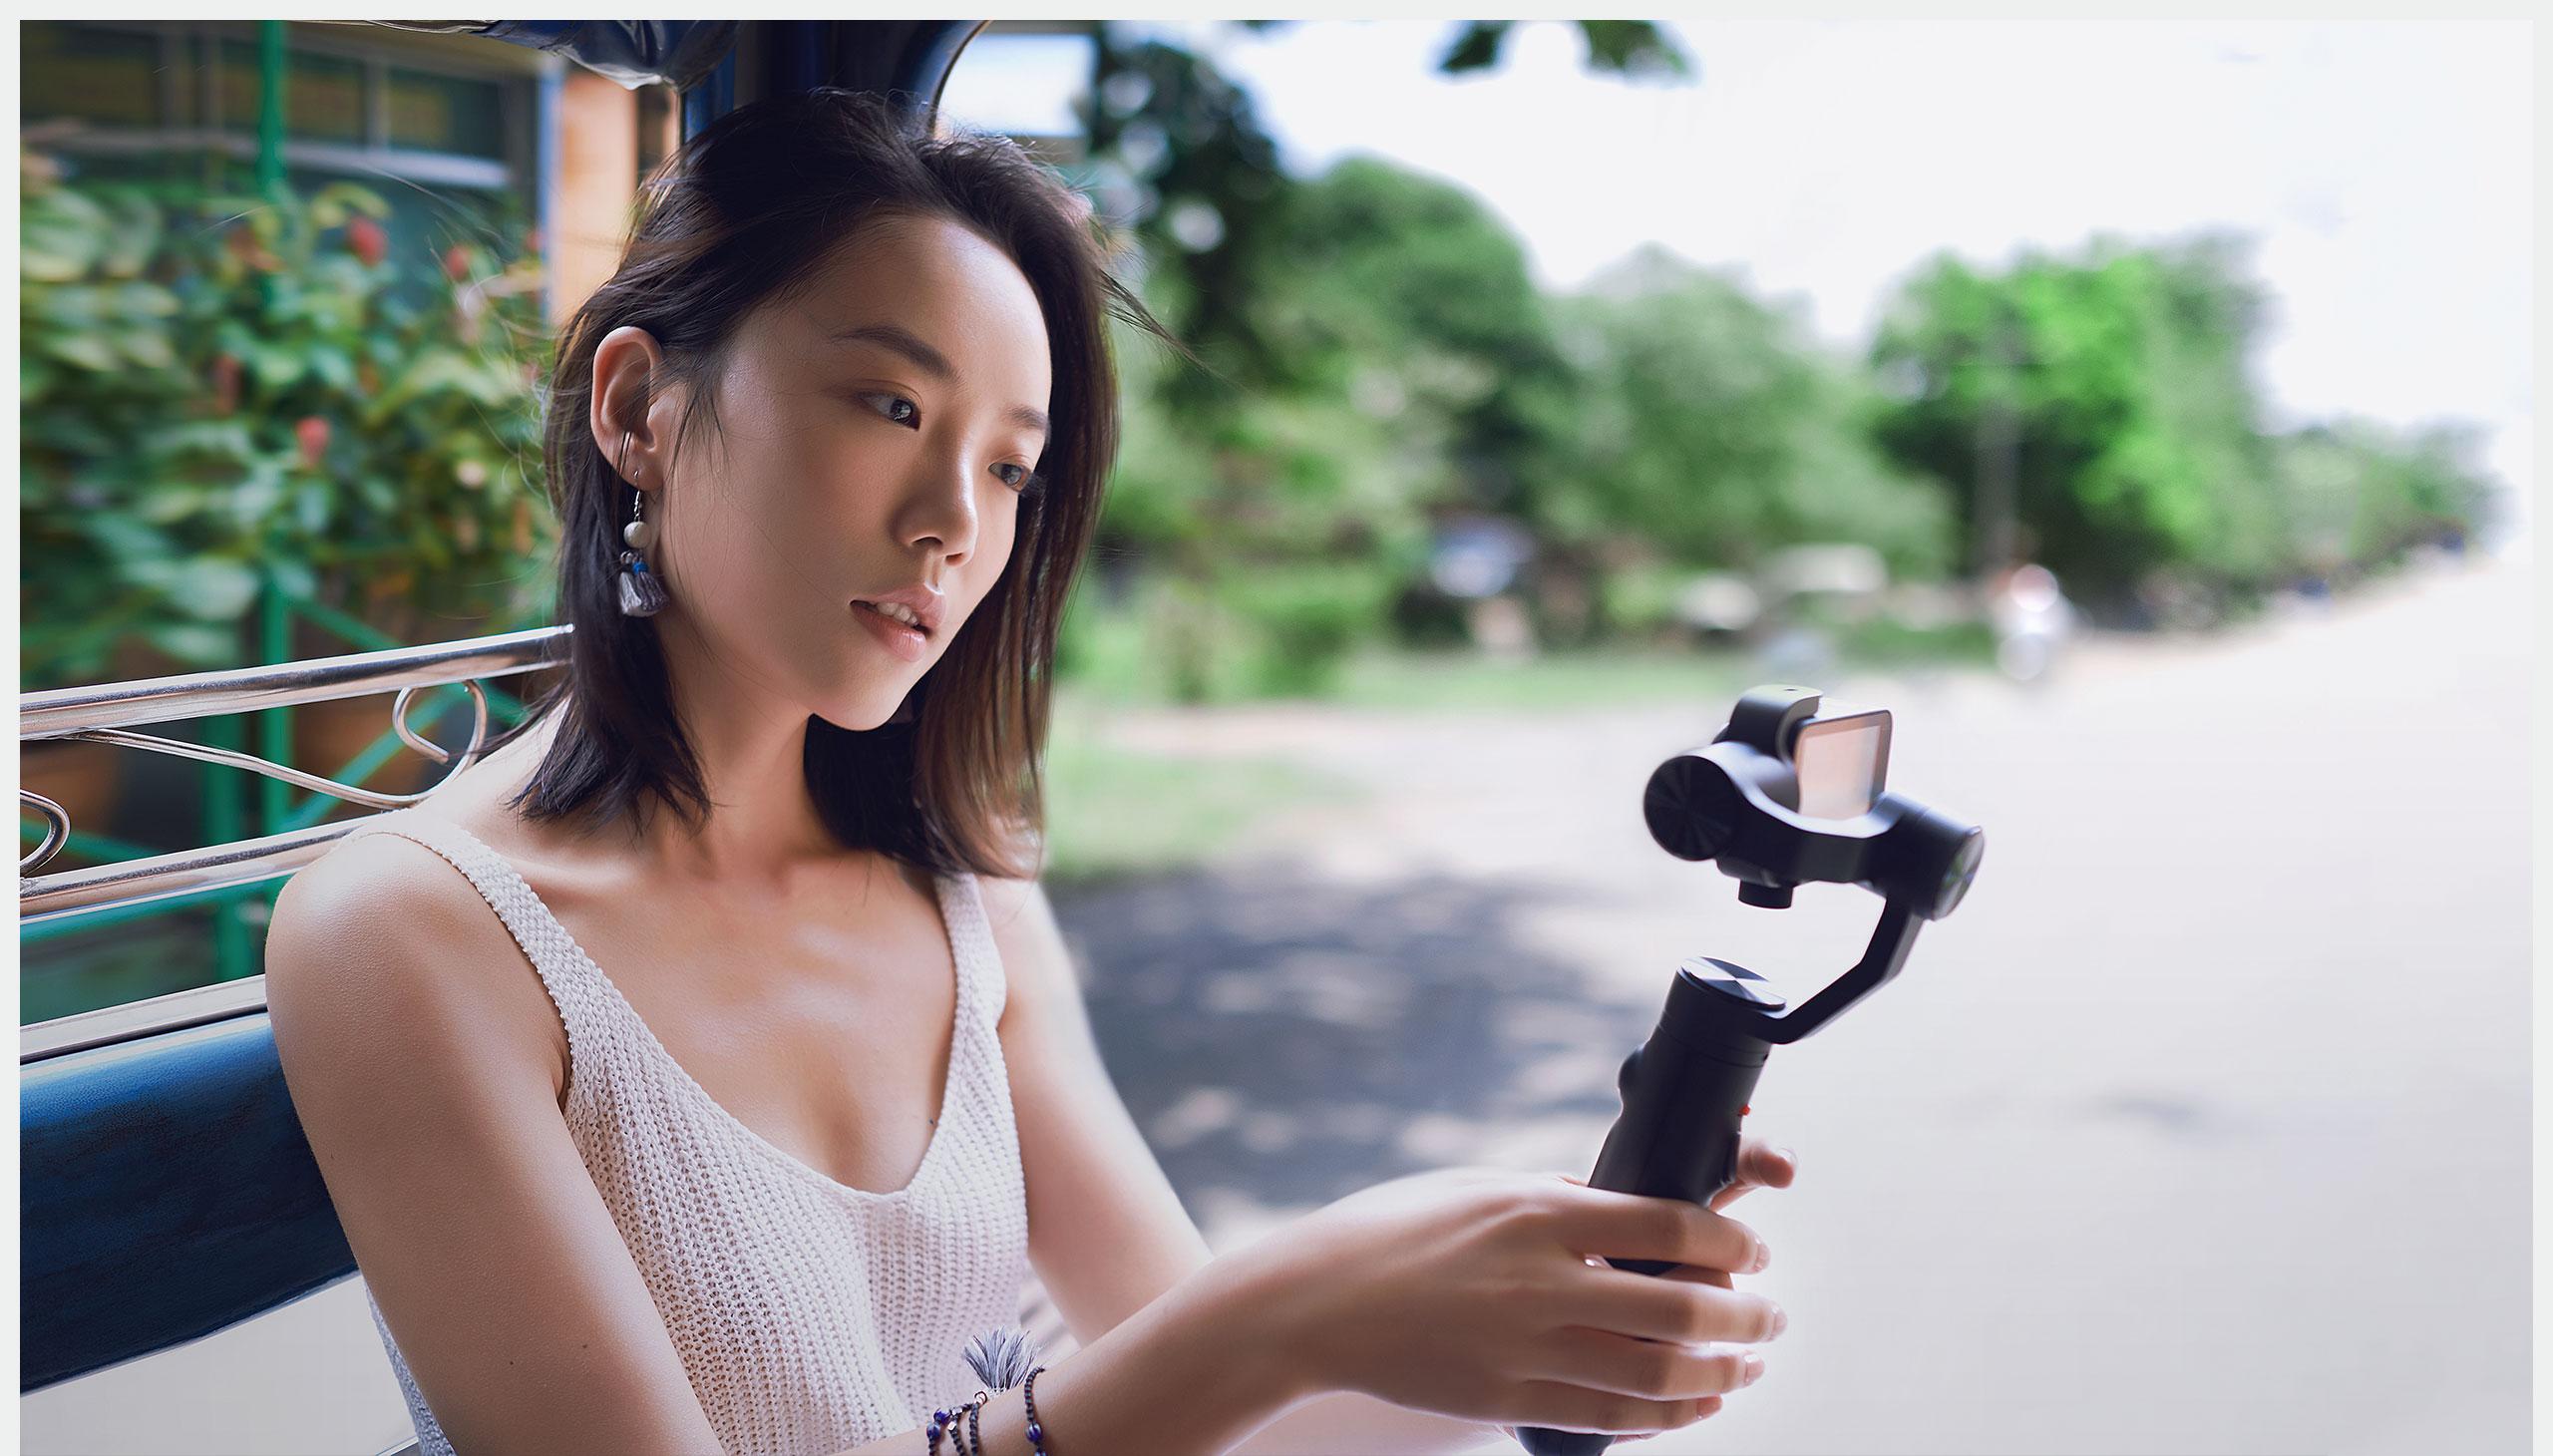 Xiaomi Mijia Action 4K